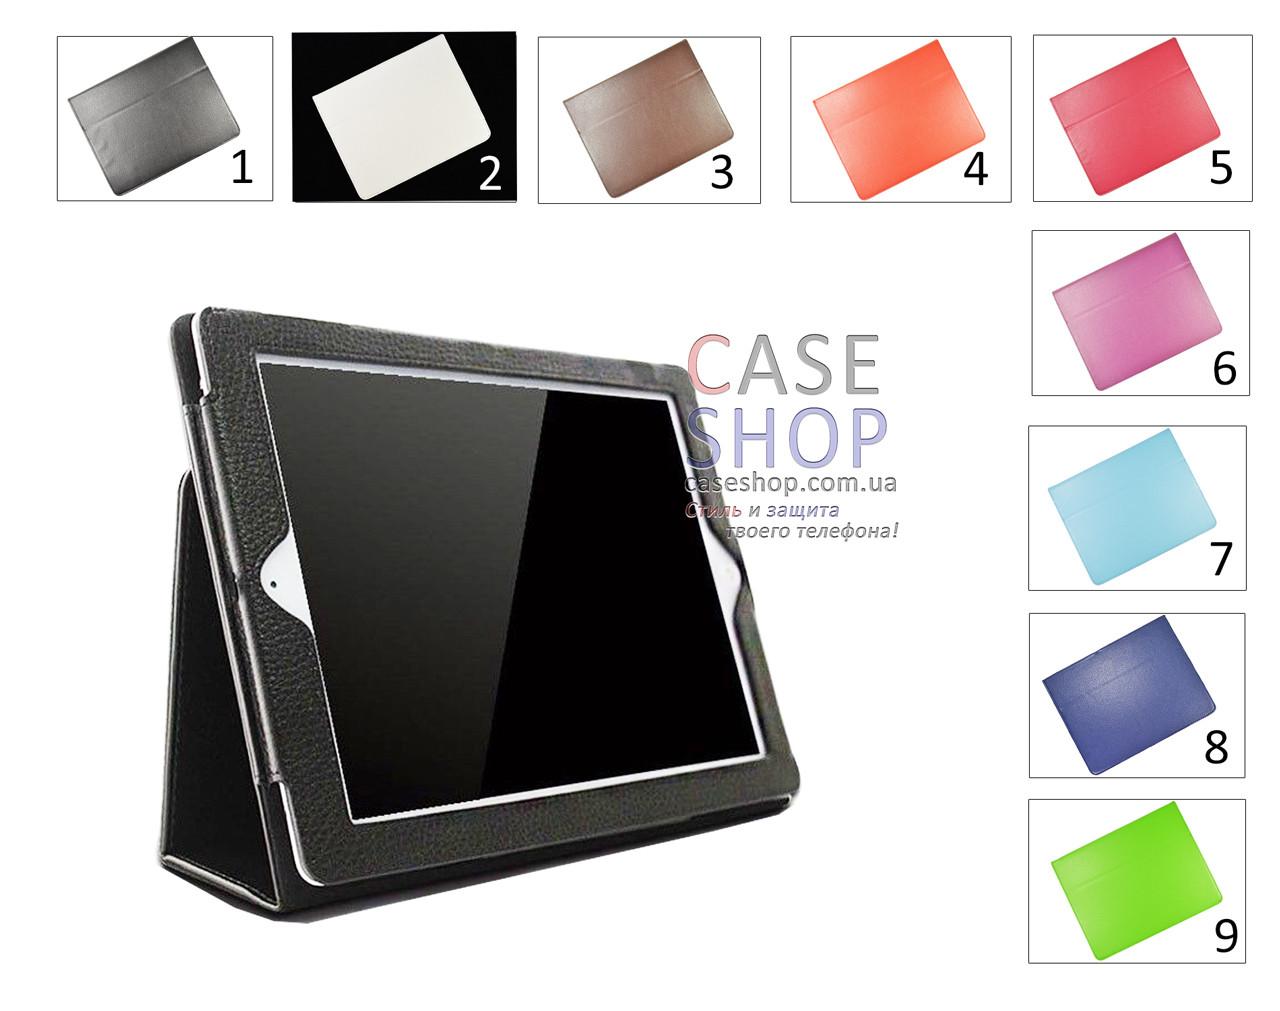 Кожаный чехол для Apple iPad 2 - CaseShop чехол в Хмельницком